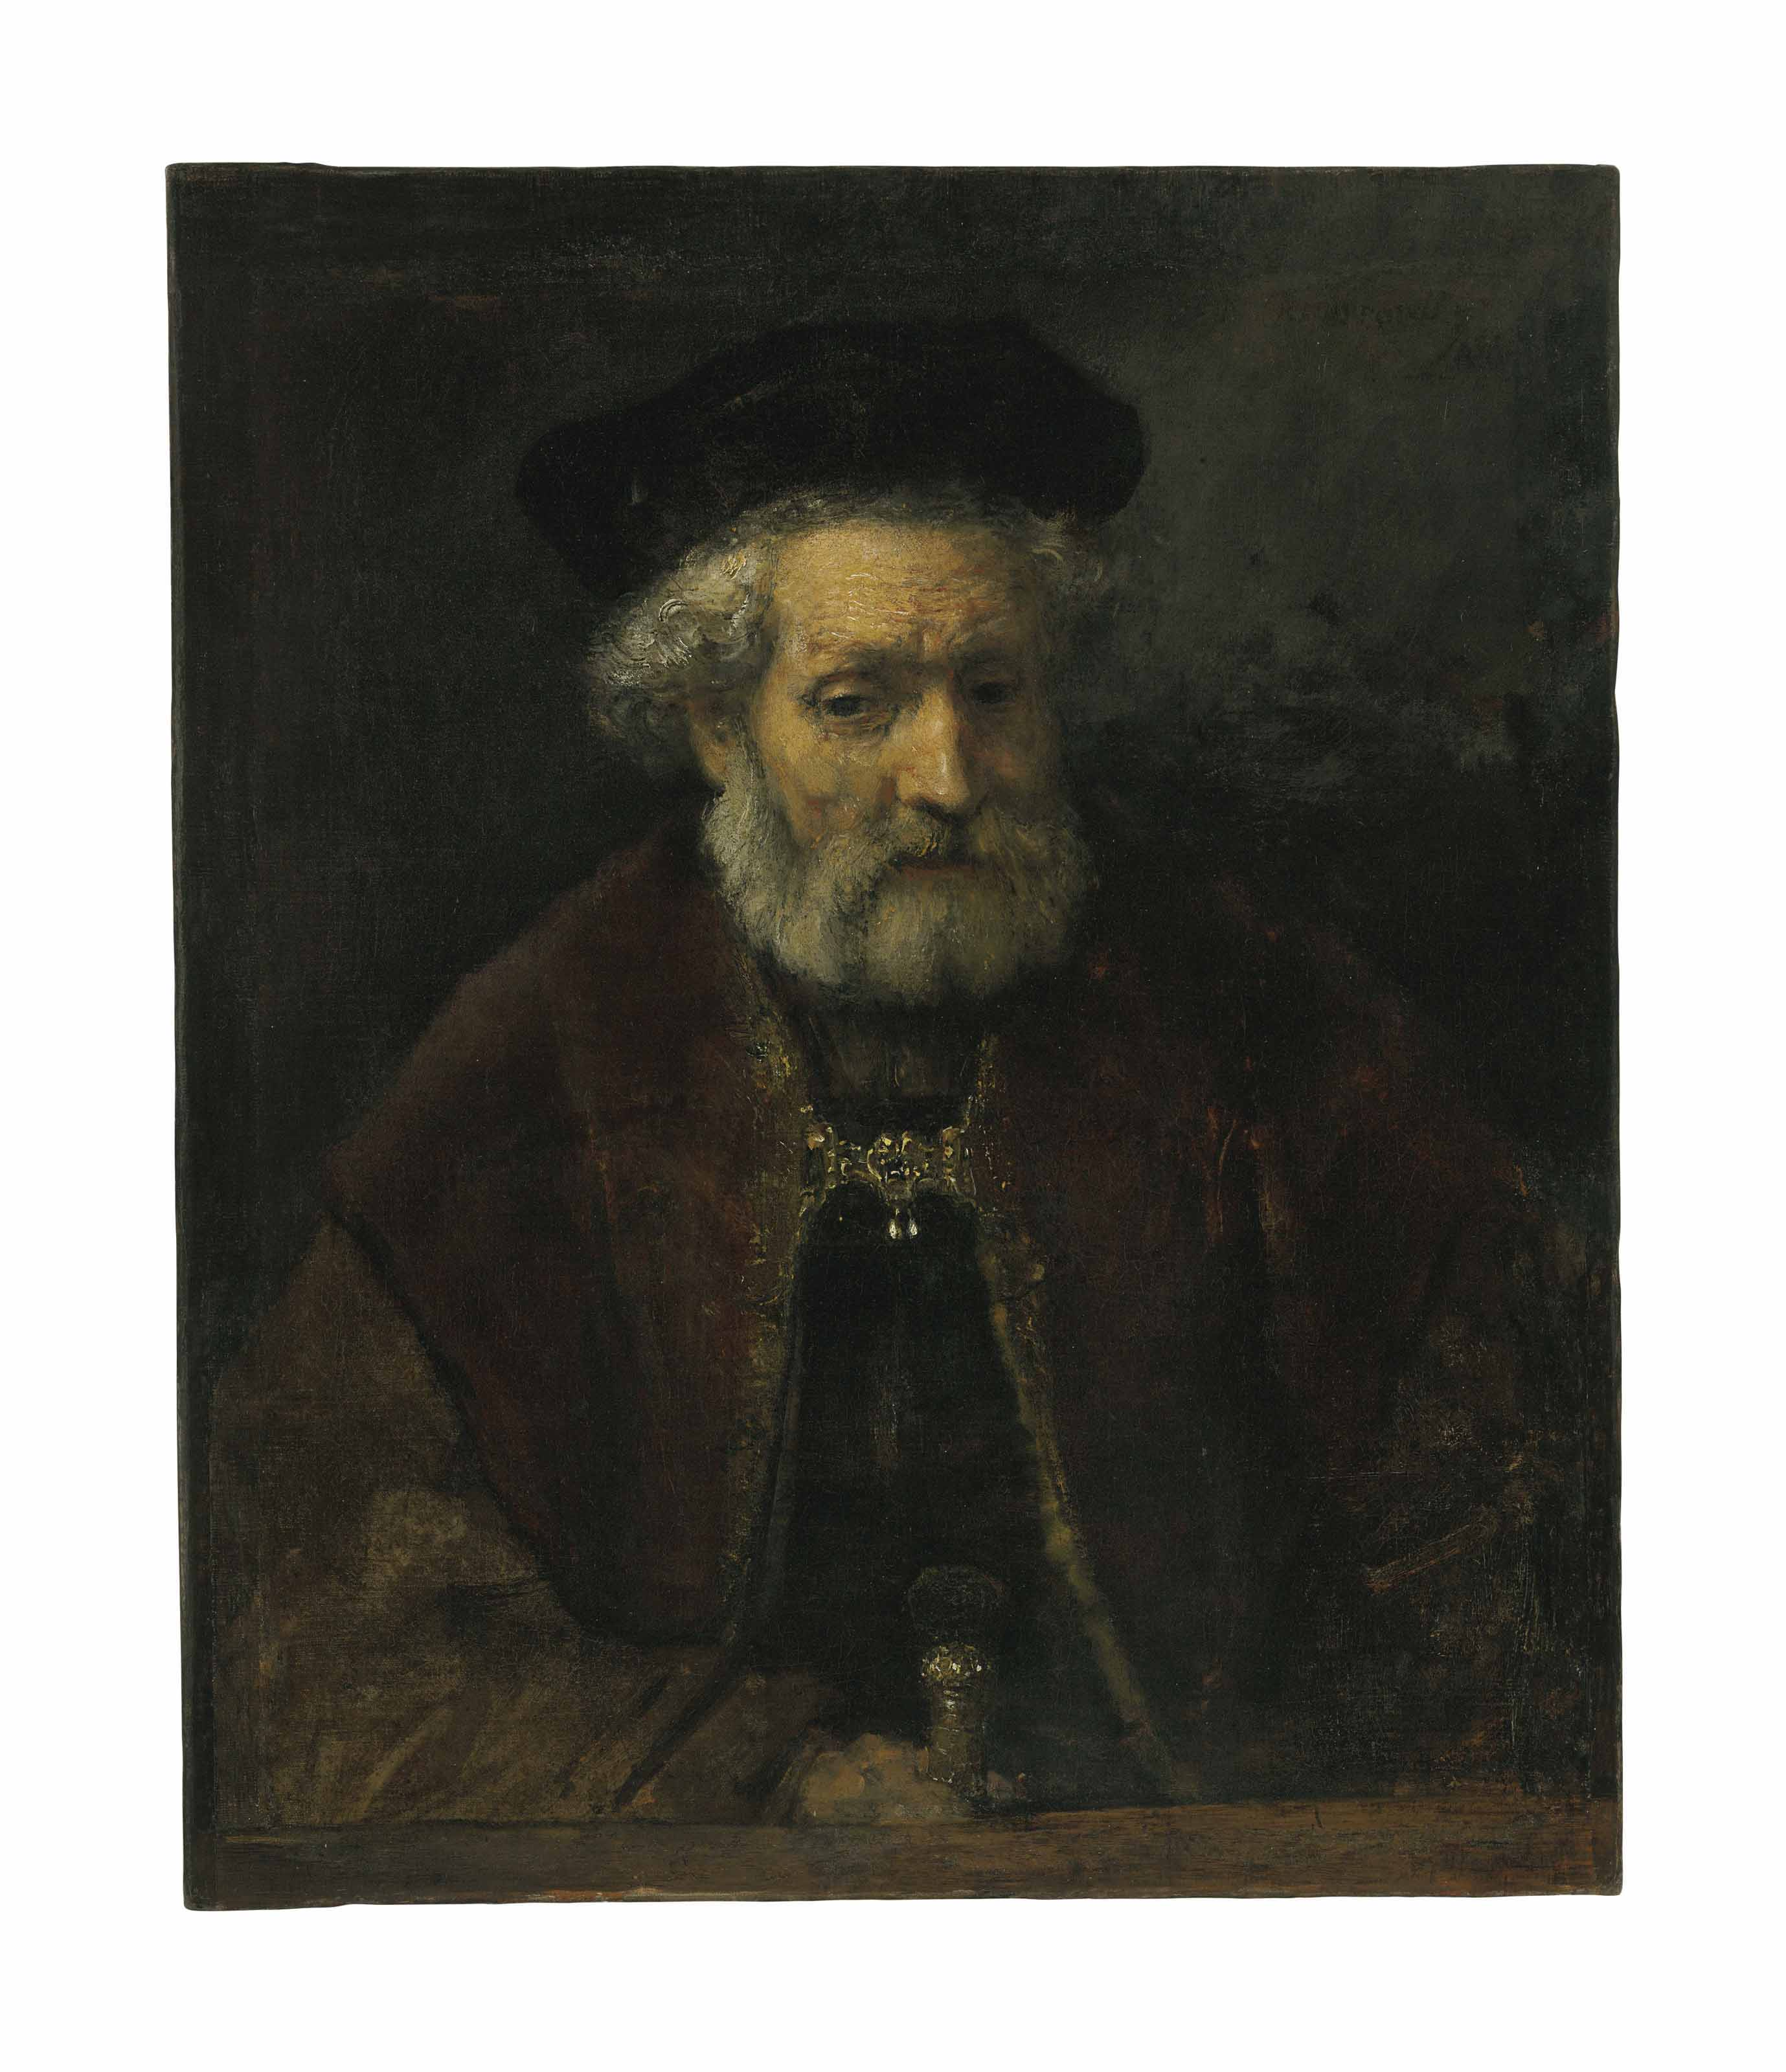 An Old Bearded Man